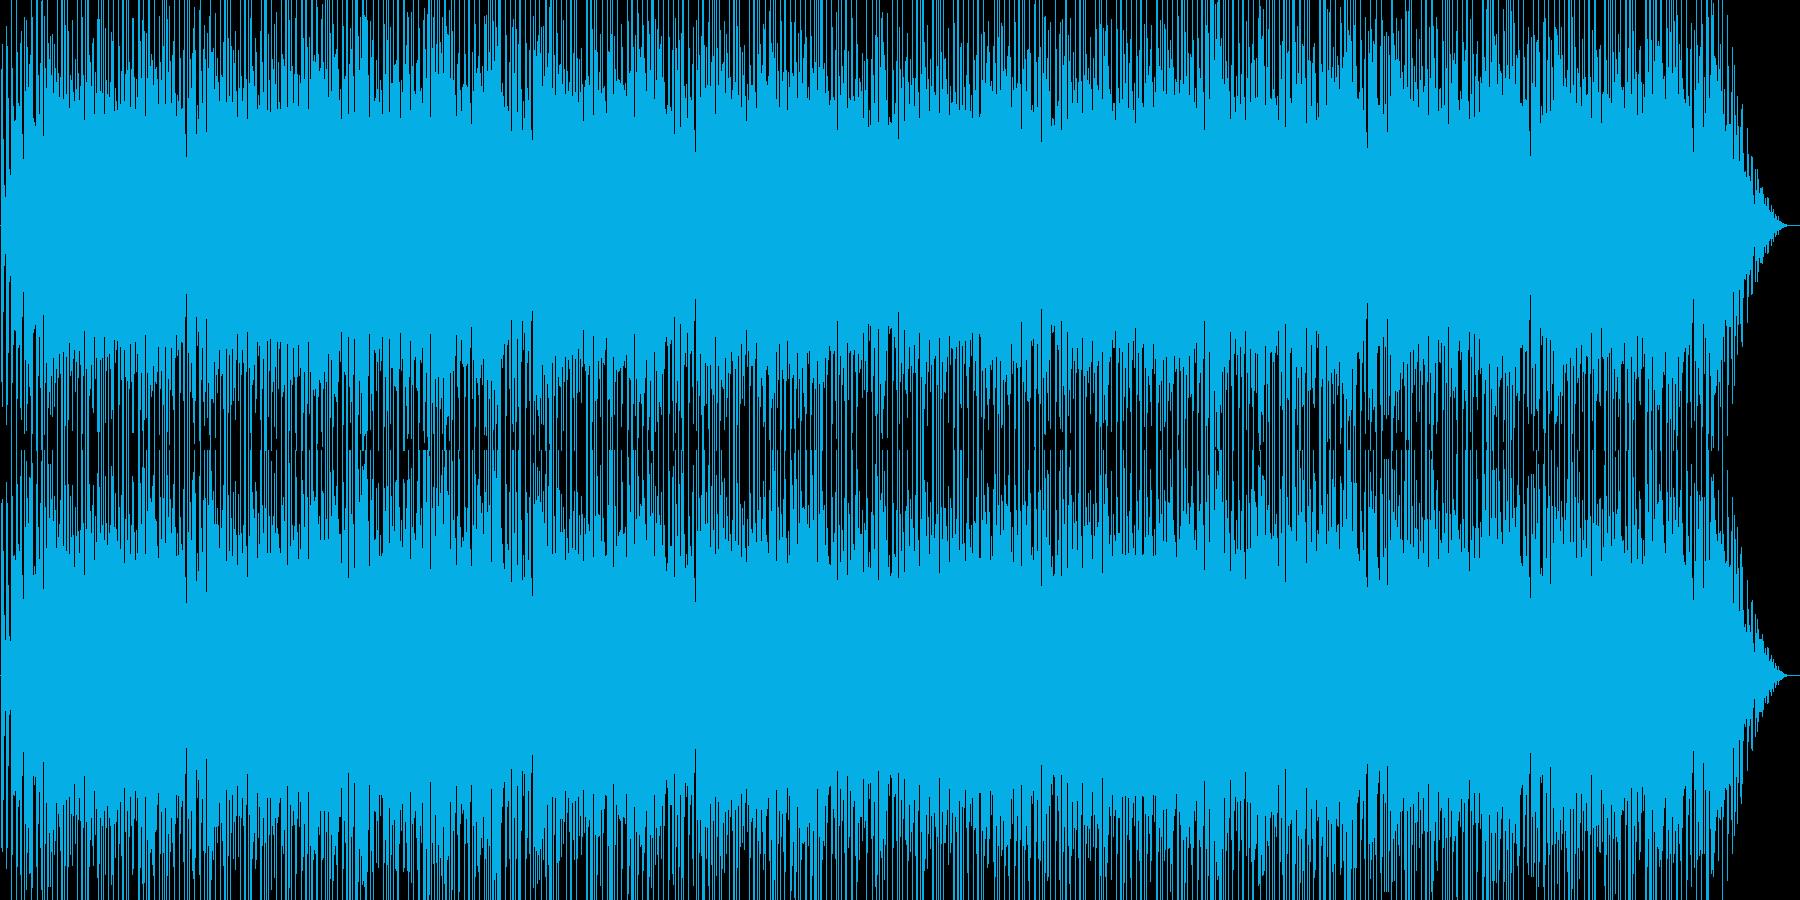 疾走感と勢いのあるピアノ・シンセなどの曲の再生済みの波形